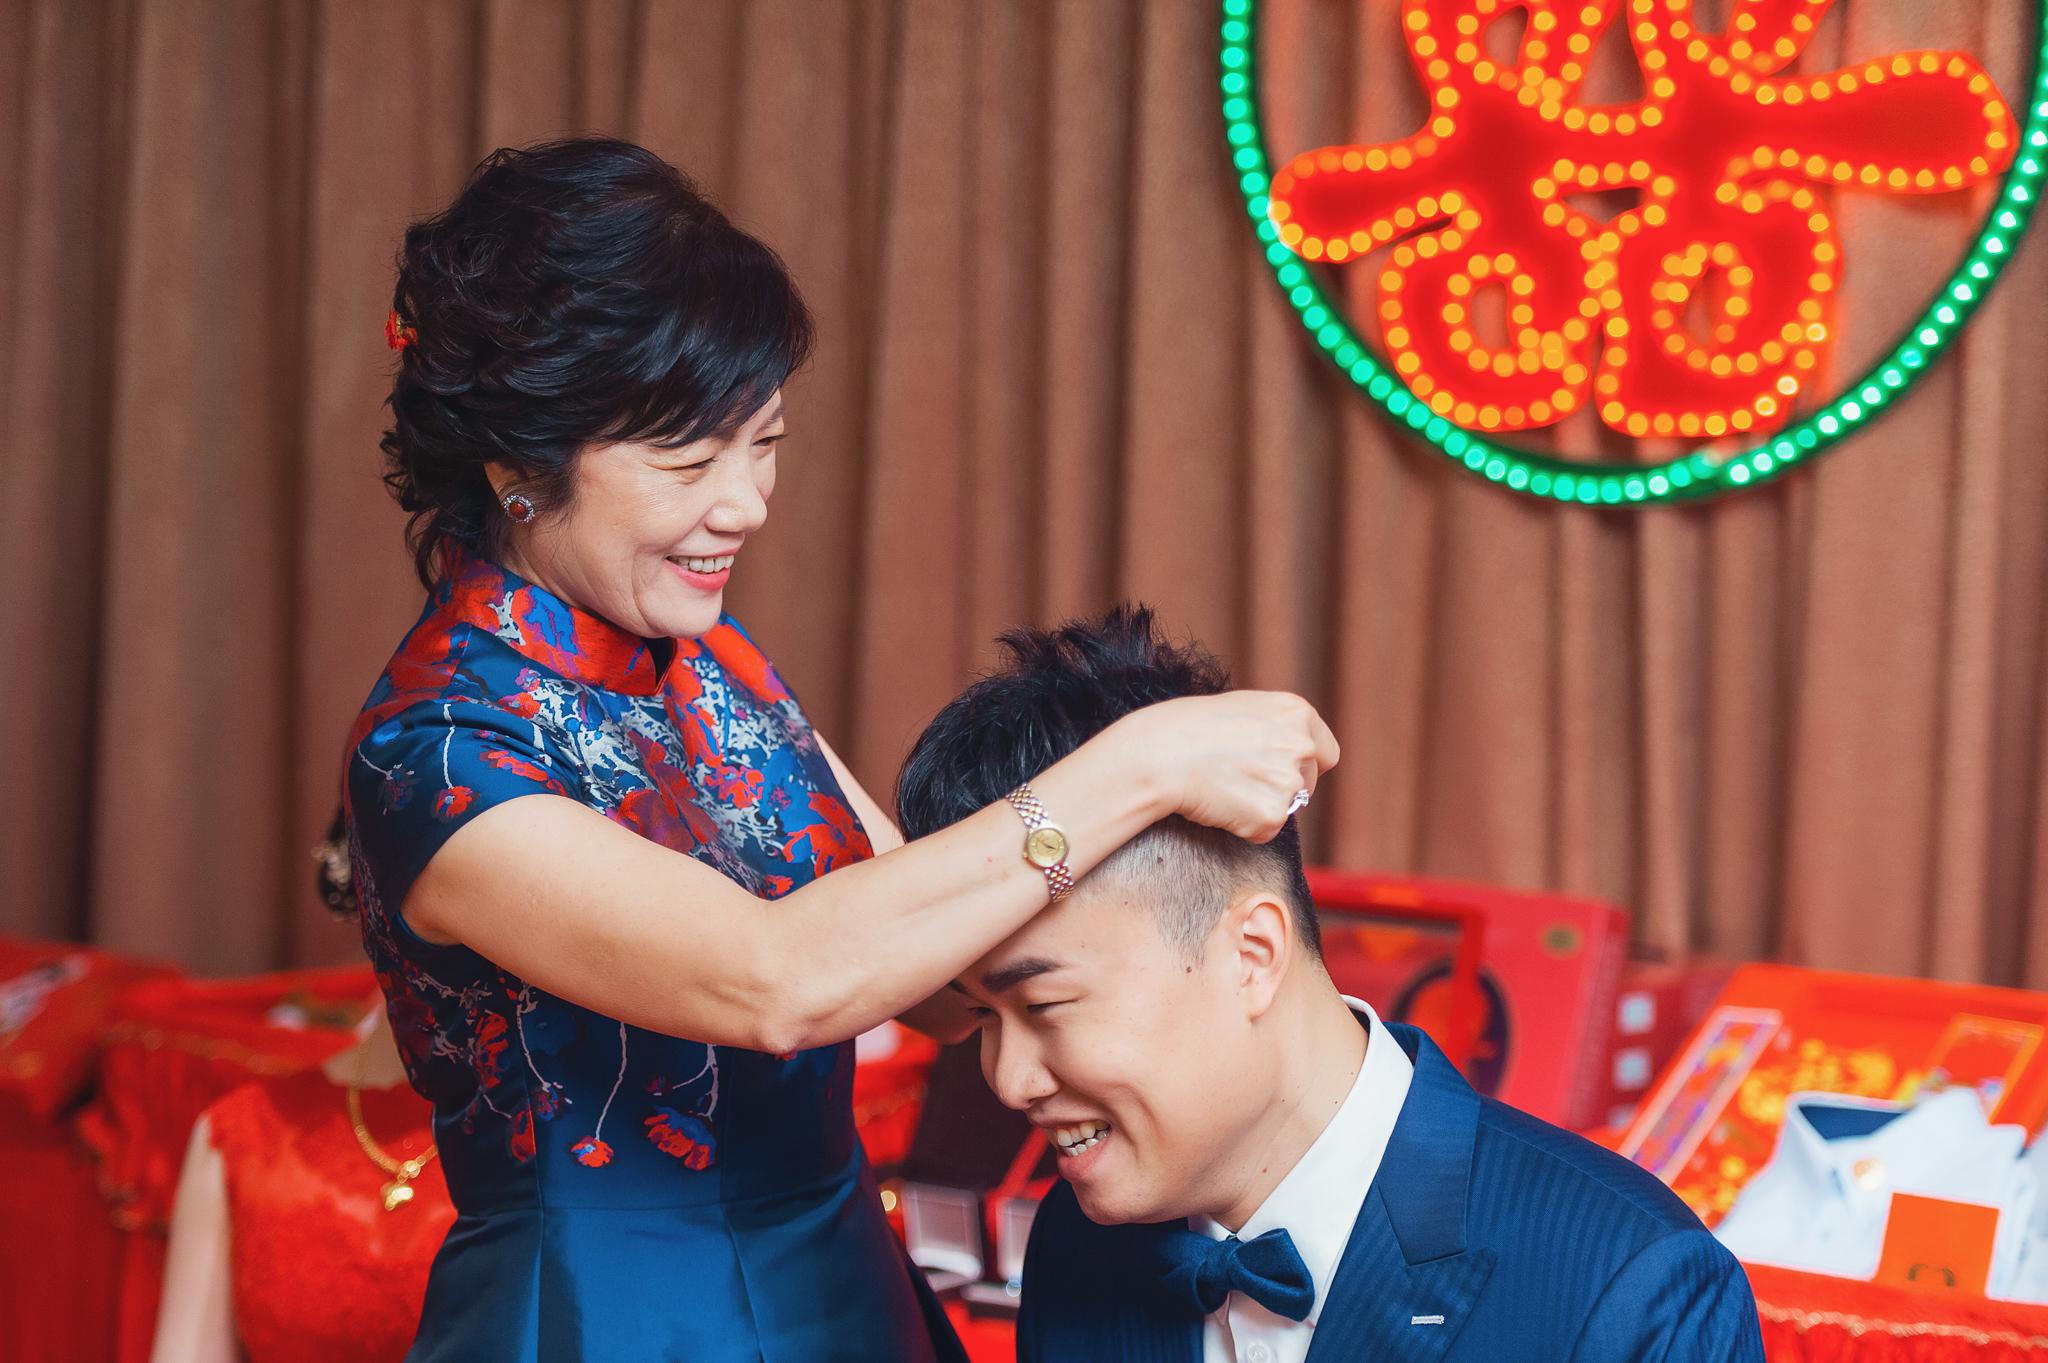 [婚禮紀錄-Yozi]2020.10.17圓山大飯店